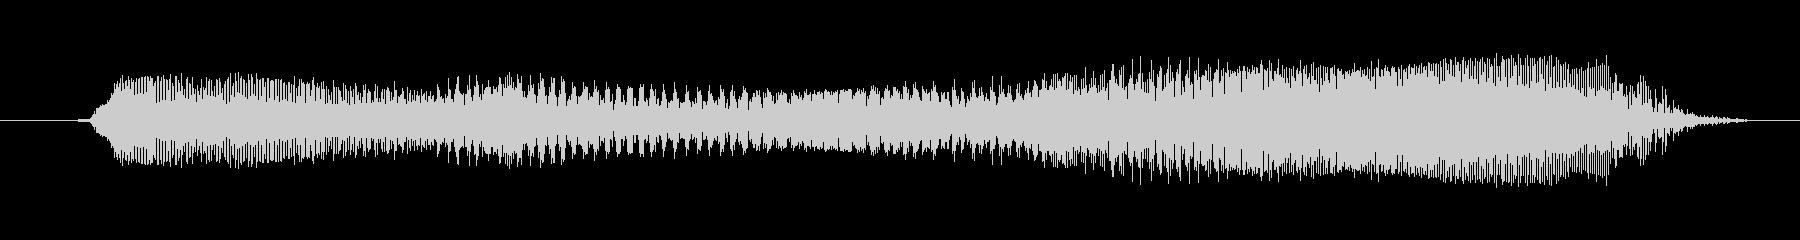 鳴き声 男性スクリーム強制ロング03の未再生の波形